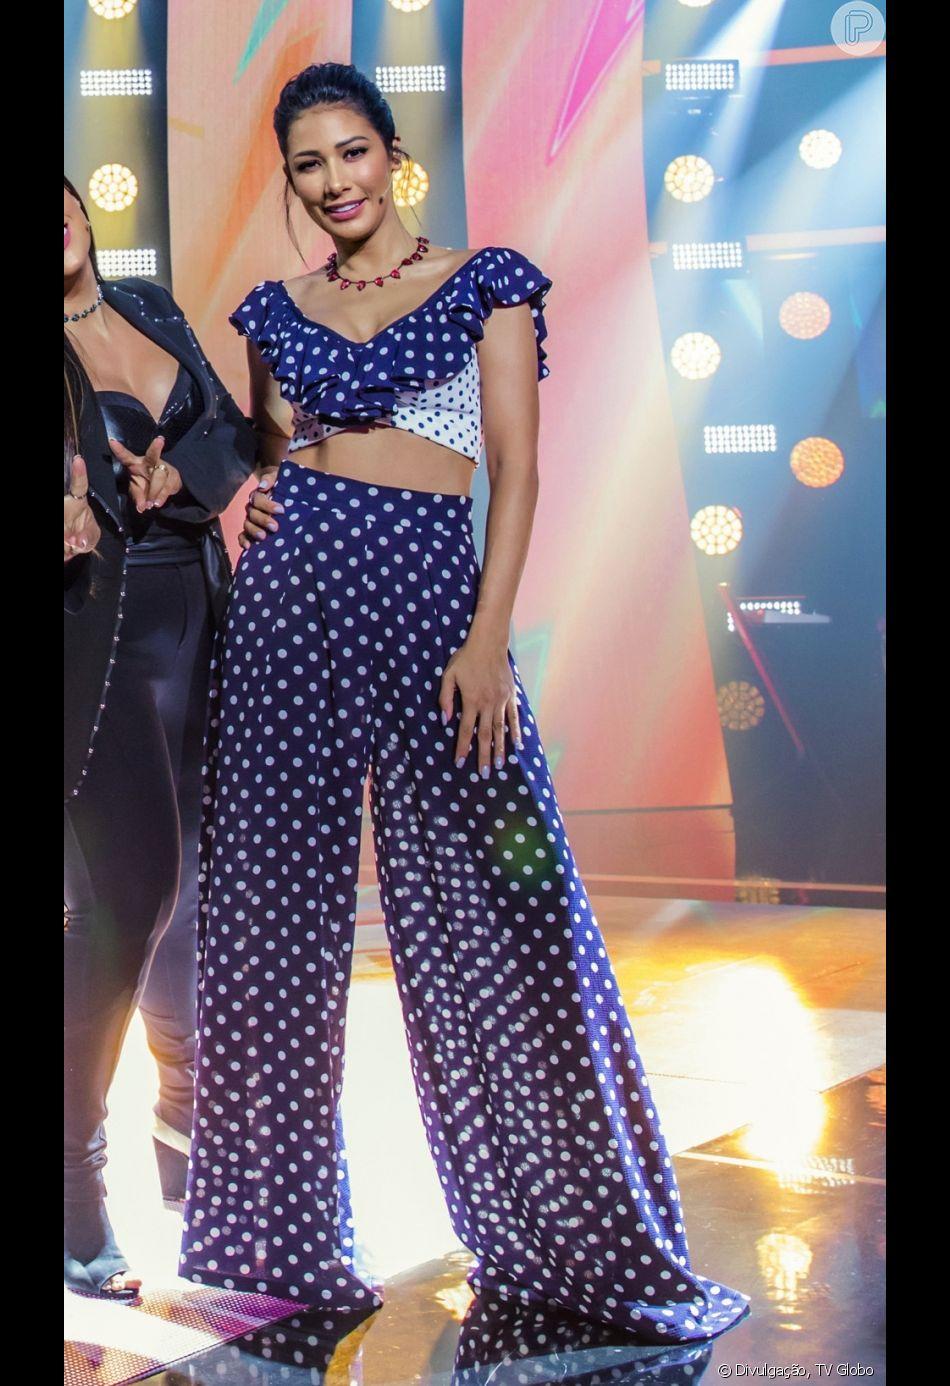 b2df46fb3 Simaria fez graça ao ver um meme da roupa que usou no programa  The Voice